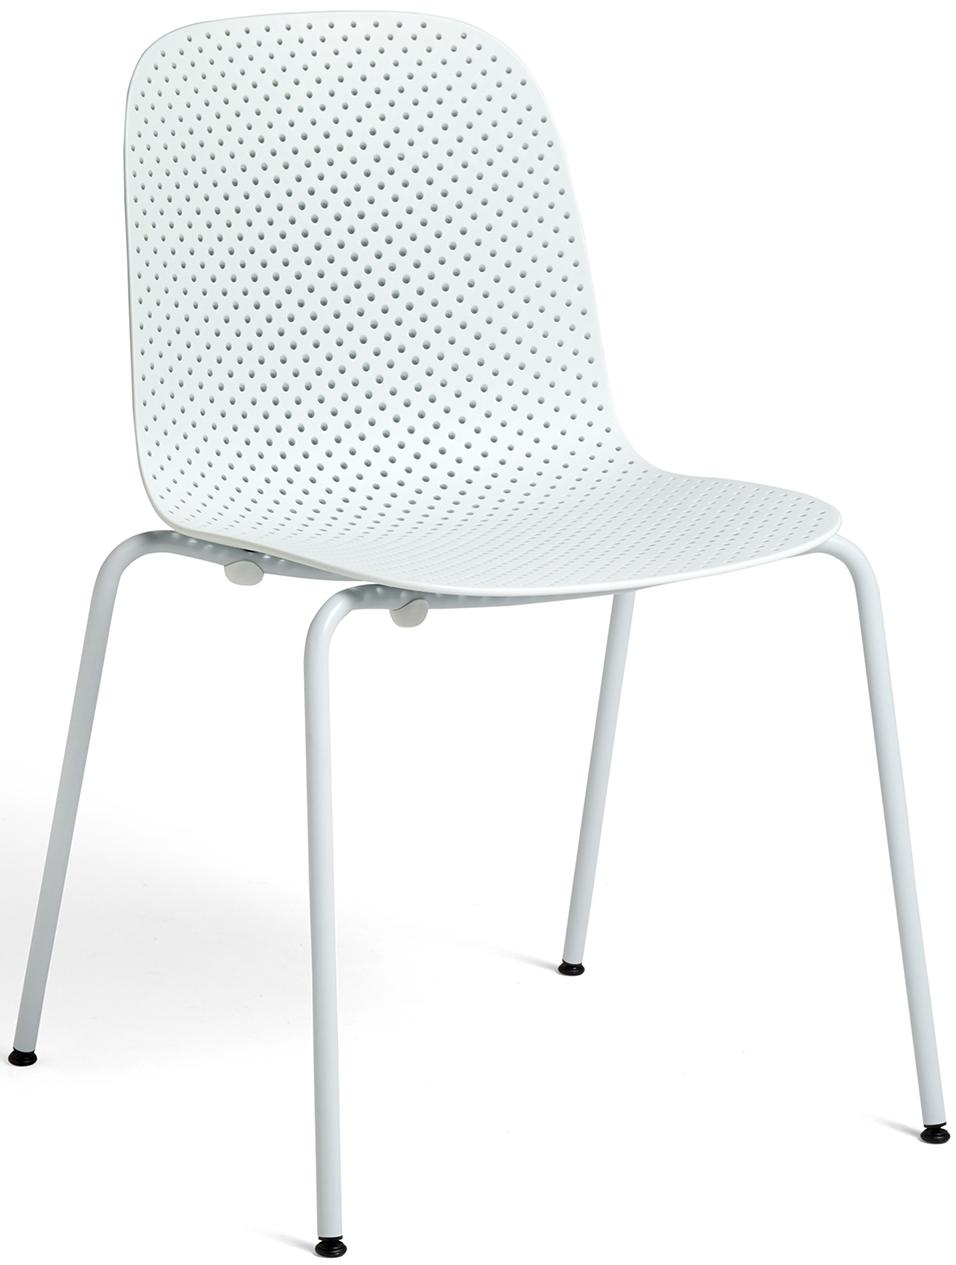 13EIGHTYindooroutdoor design chaise – Hay Scholten – DIbEYWH9e2